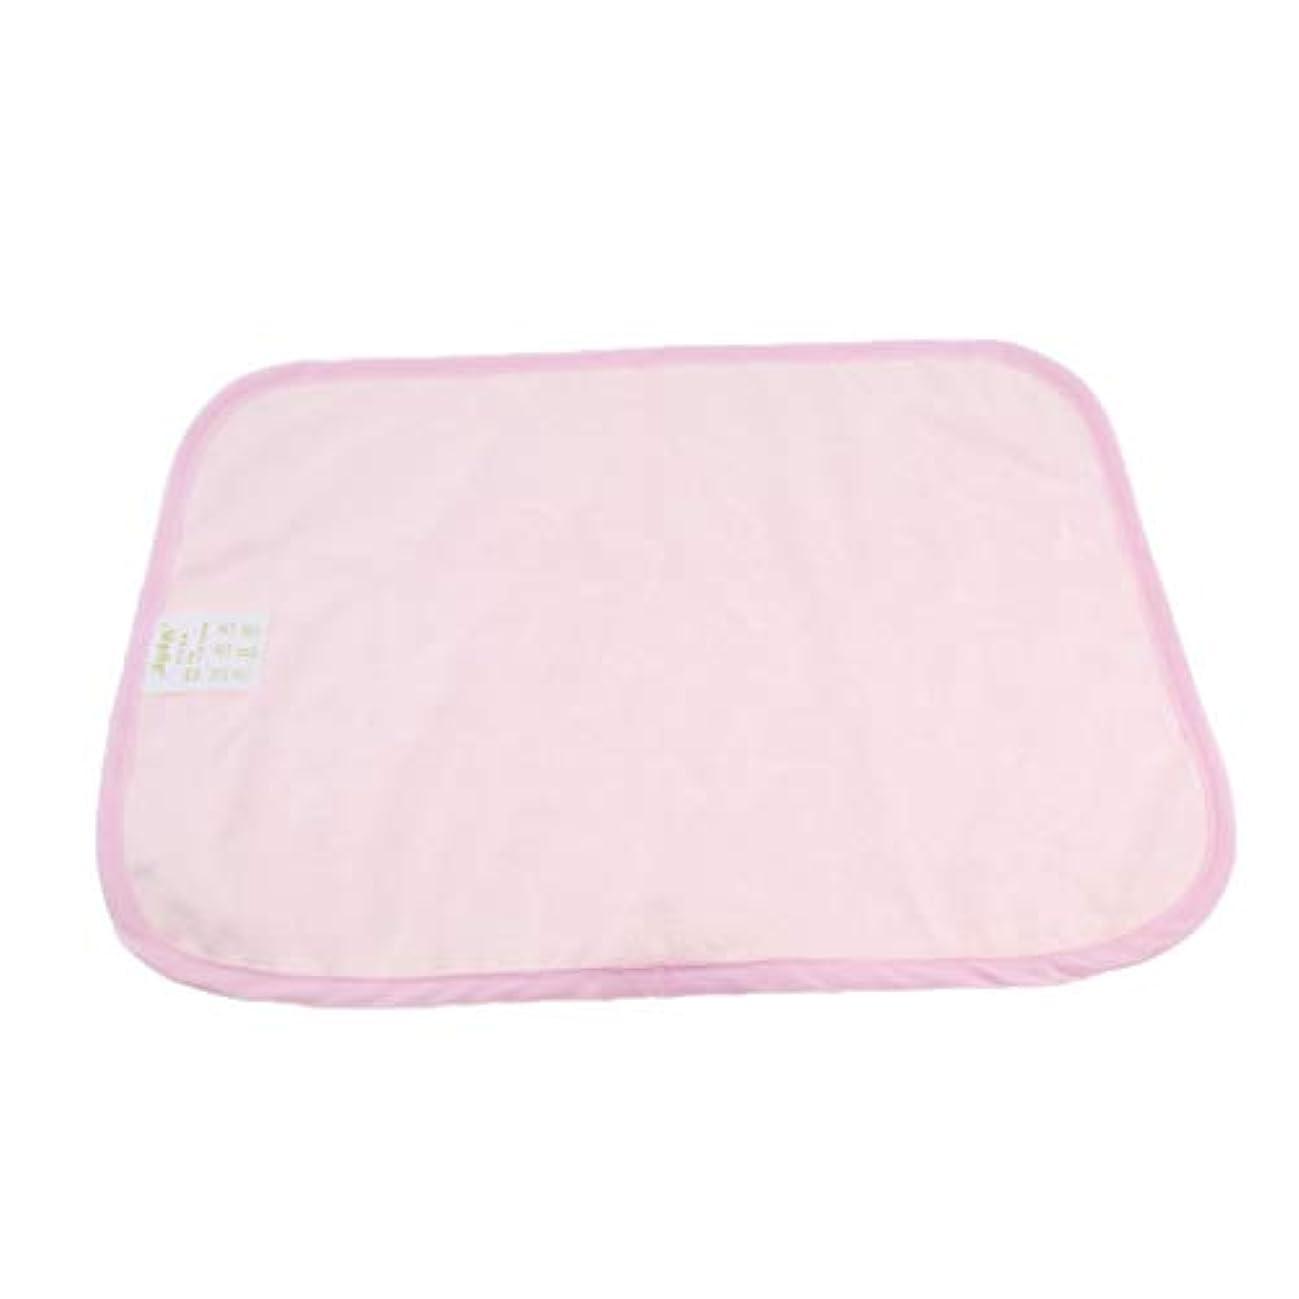 肉のブリリアントバズdailymall 失禁パッド 介護用ベッド 敷きパッド 尿漏れ対応 吸水 子供 高齢者 出産後 洗濯可能 全2色 - ピンク